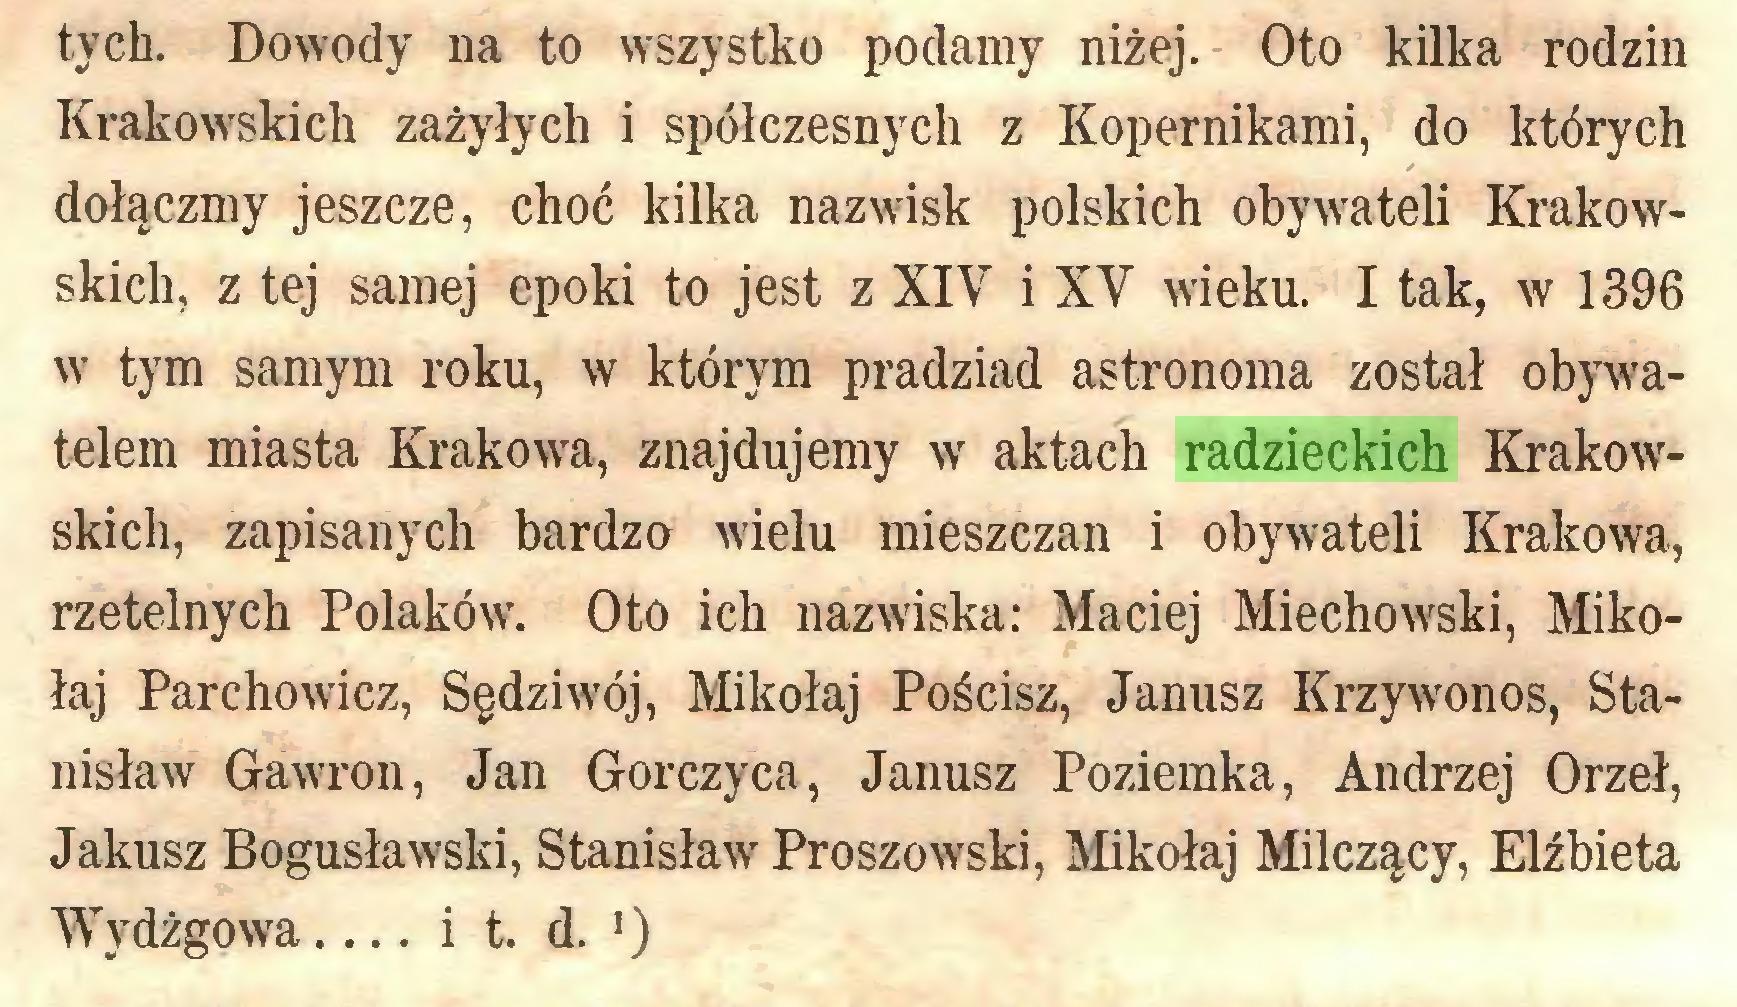 (...) tych. Dowody na to wszystko podamy niżej. Oto kilka rodzin Krakowskich zażyłych i spółczesnych z Kopernikami, do których dołączmy jeszcze, choć kilka nazwisk polskich obywateli Krakowskich, z tej samej epoki to jest z XIV i XV wieku. I tak, w 1396 w tym samym roku, w którym pradziad astronoma został obywatelem miasta Krakowa, znajdujemy w aktach radzieckich Krakowskich, zapisanych bardzo wielu mieszczan i obywateli Krakowa, rzetelnych Polaków. Oto ich nazwiska: Maciej Miechowski, Mikołaj Parchowicz, Sędziwój, Mikołaj Pościsz, Janusz Krzywonos, Stanisław Gawron, Jan Gorczyca, Janusz Poziemka, Andrzej Orzeł, Jakusz Bogusławski, Stanisław Proszowski, Mikołaj Milczący, Elżbieta Wydżgowa... i t. d. ')...